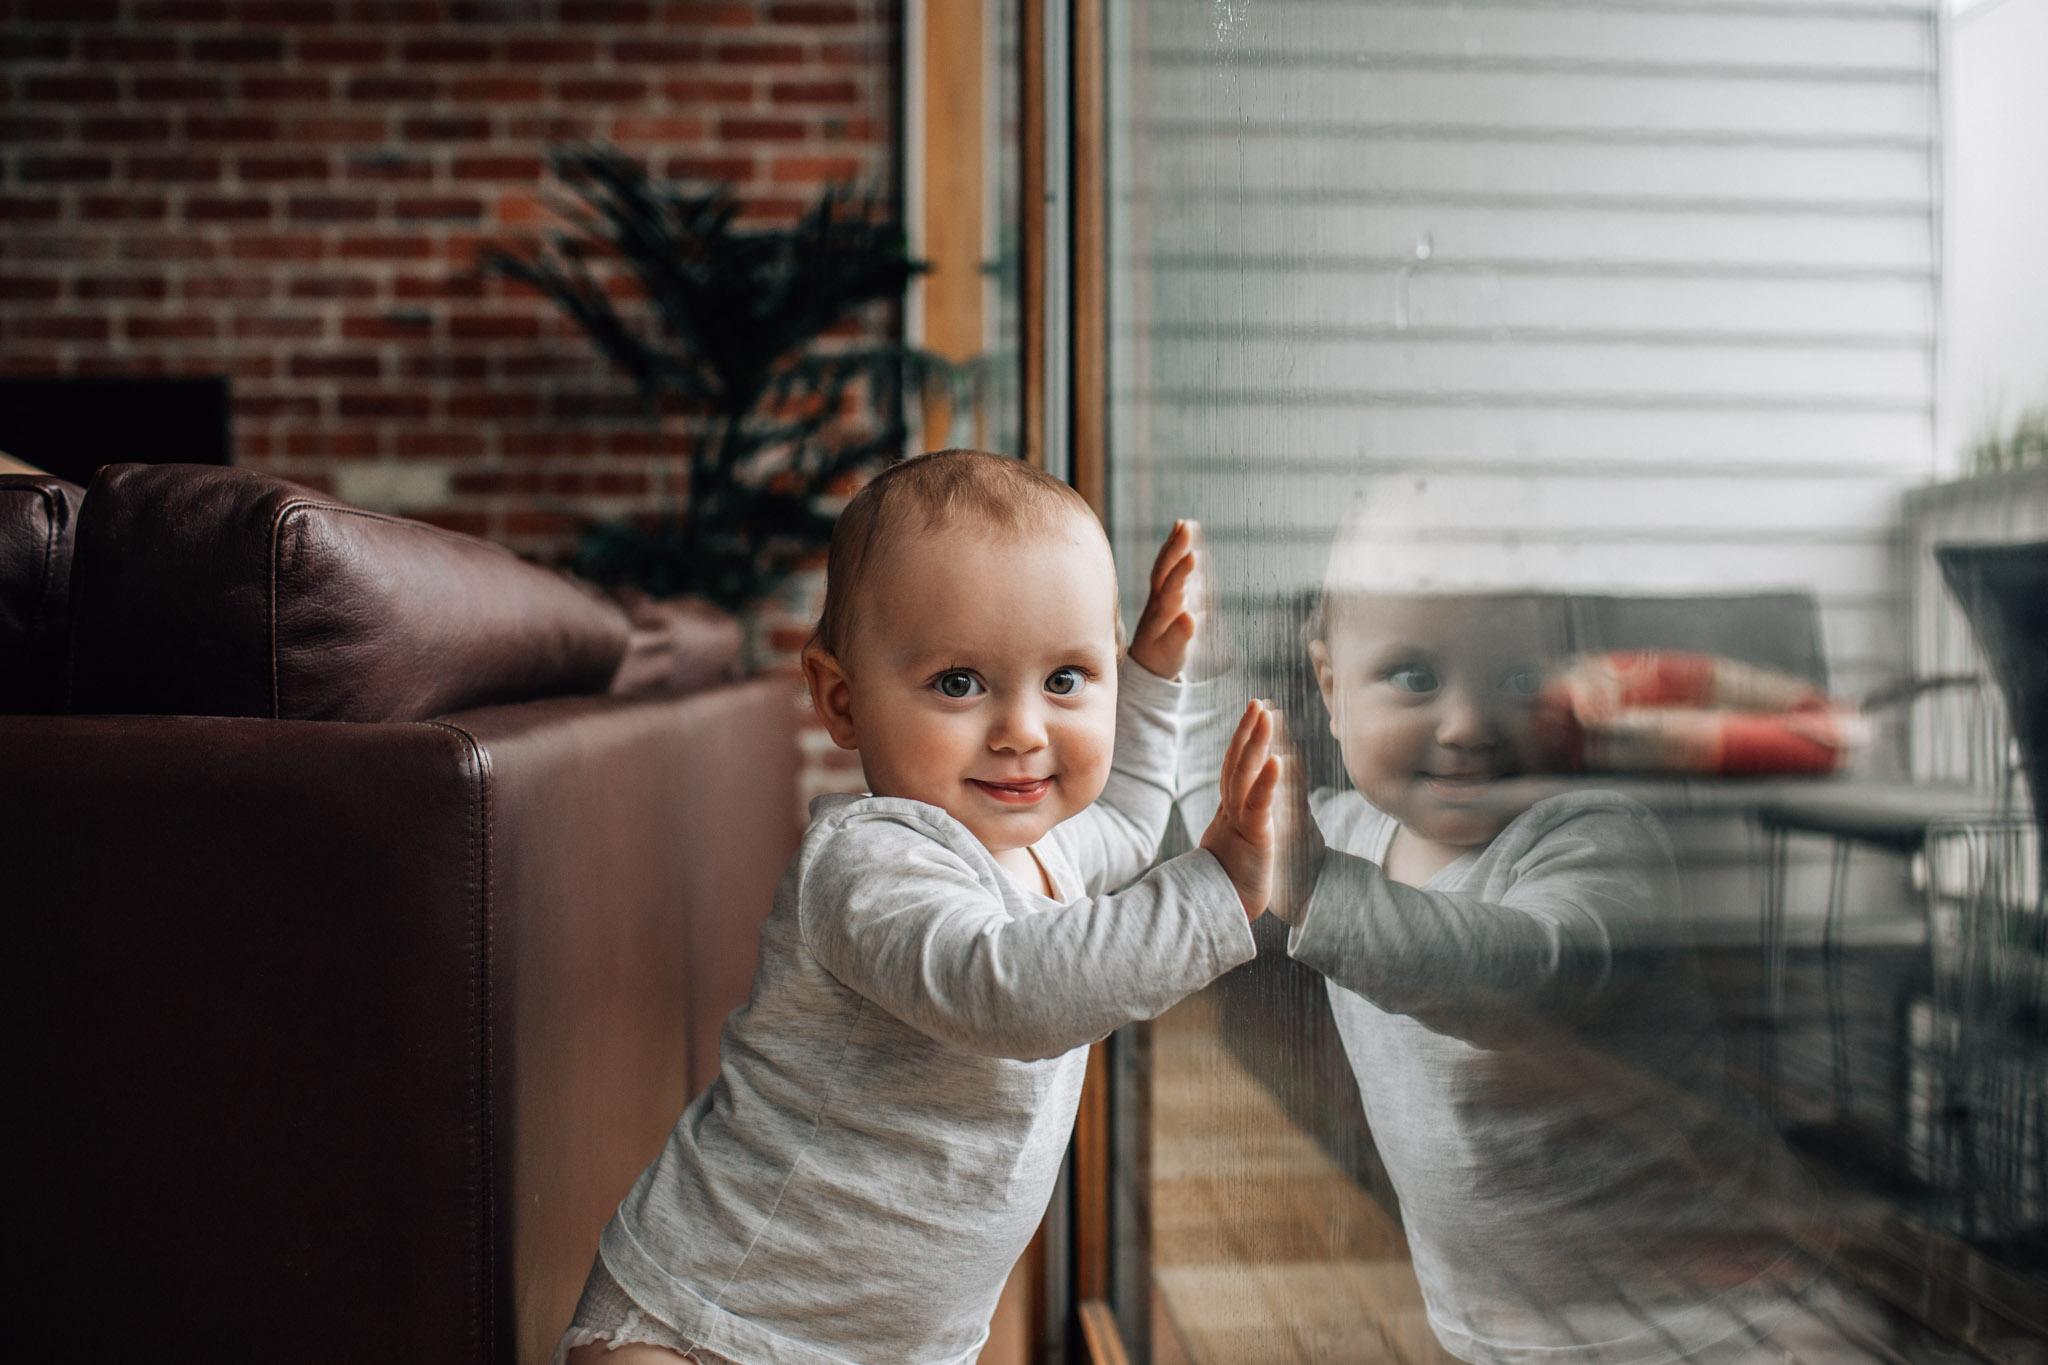 little-baby-at-glass-door (1 of 1).jpg